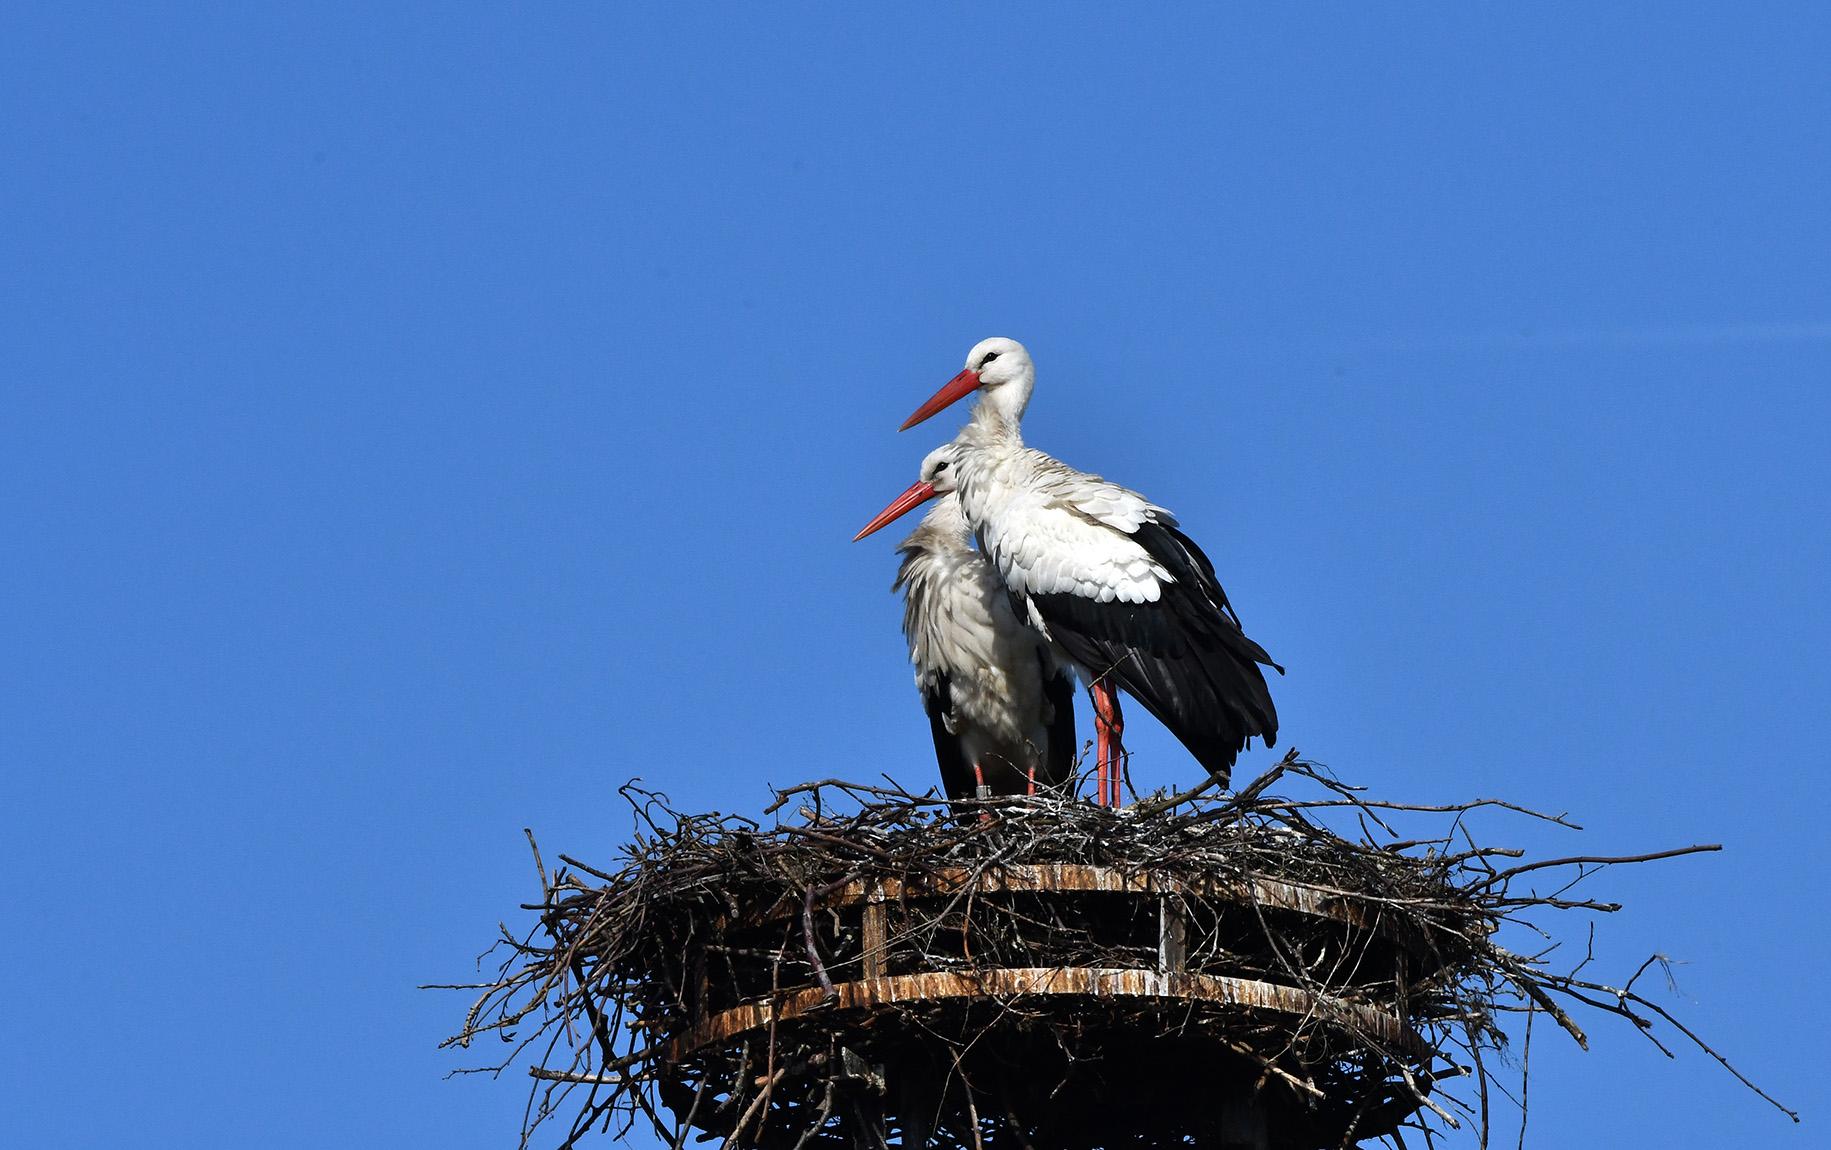 Het echtpaar ooievaar kijkt op ons neer vanaf hun nest – Foto: ©Louis Fraanje